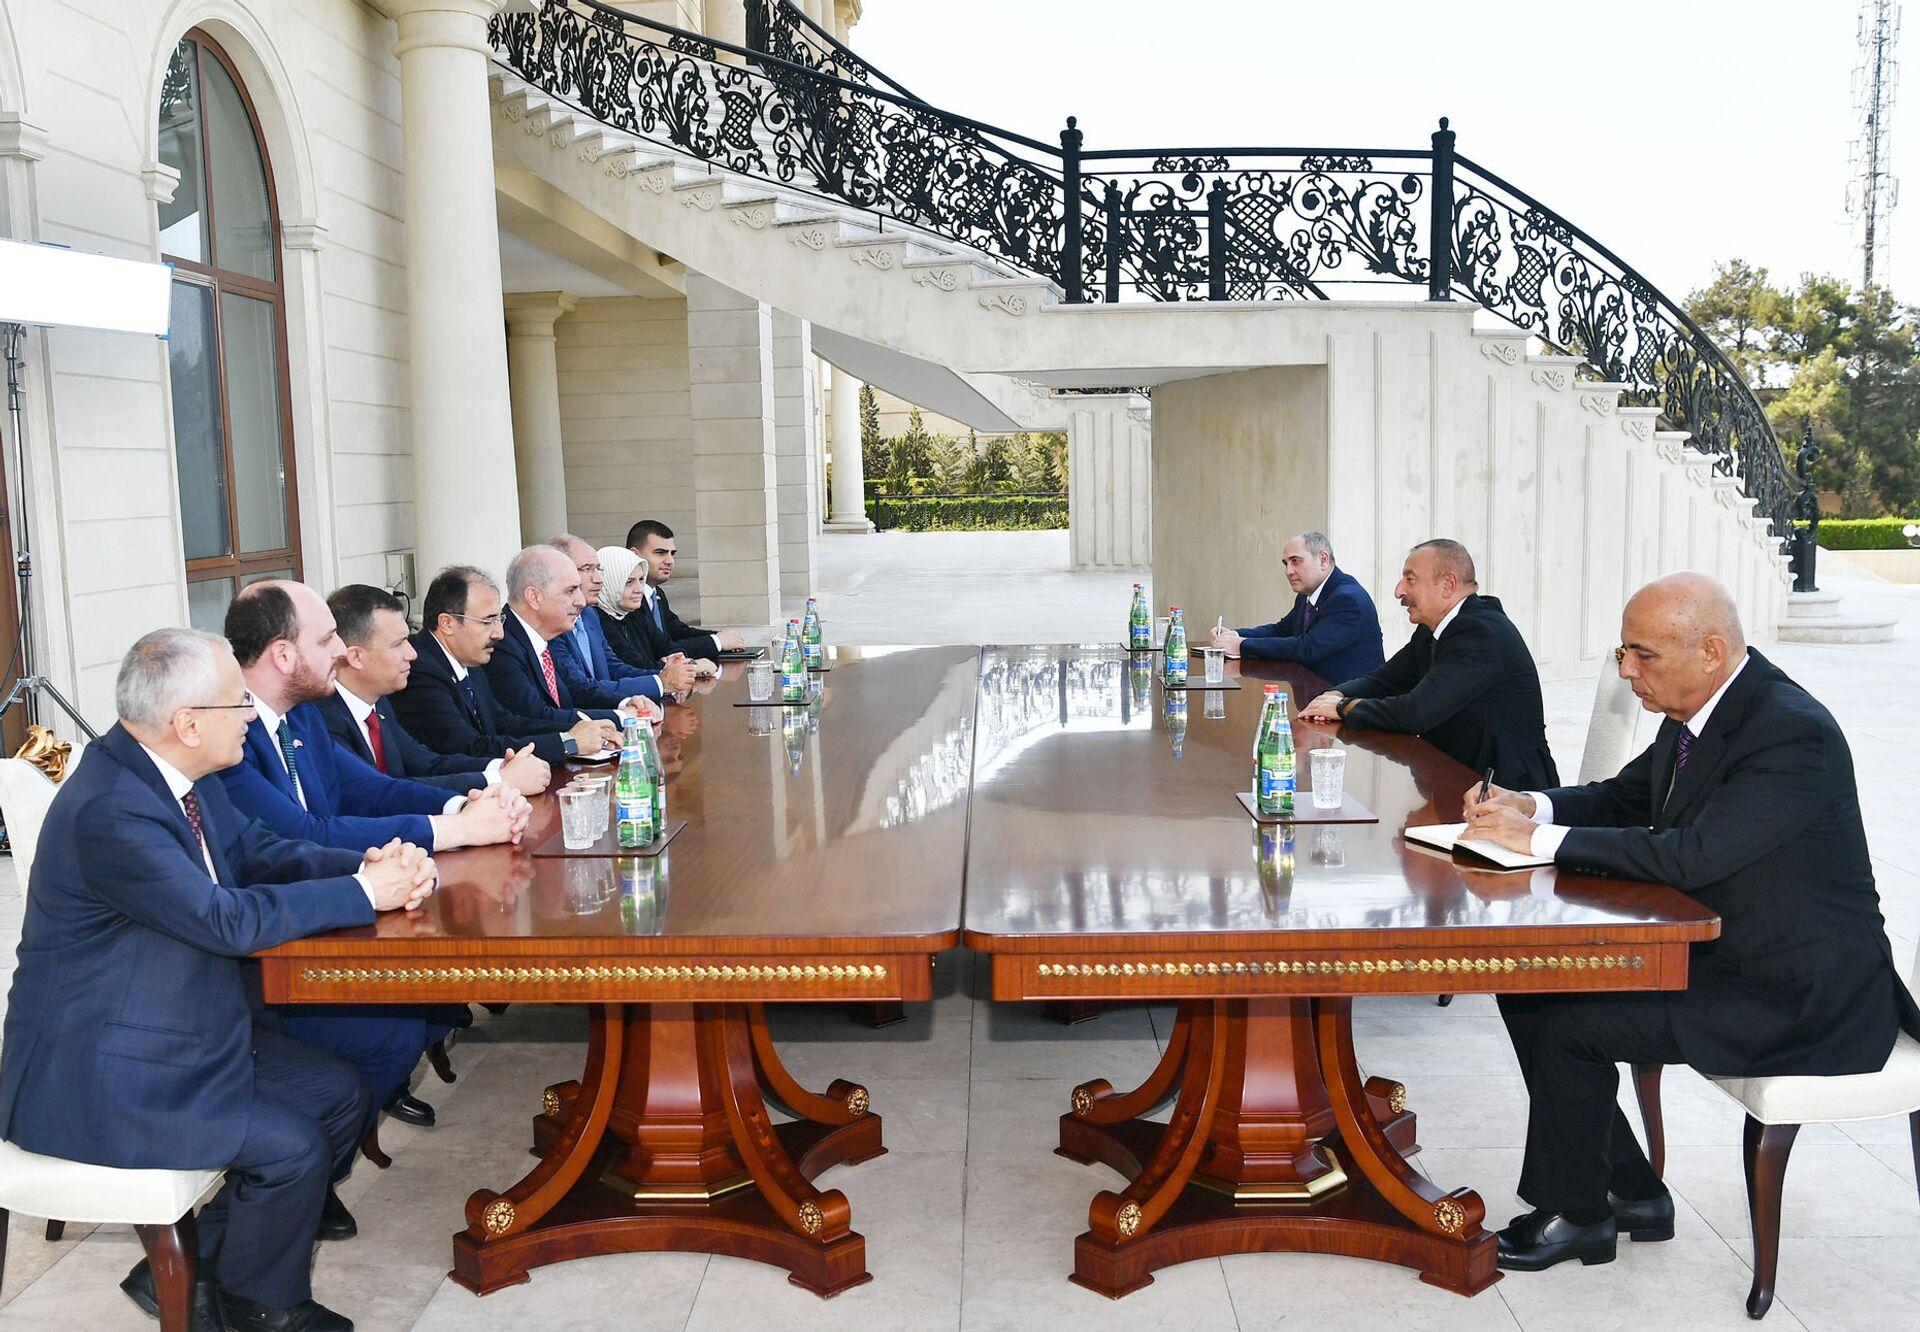 AK Parti Genel Başkanvekili Numan Kurtulmuş başkanlığındaki AK Parti heyeti, temaslarda bulunmak için gittikleri Azerbaycan'da Cumhurbaşkanı İlham Aliyev tarafından kabul edildi. - Sputnik Türkiye, 1920, 10.08.2021